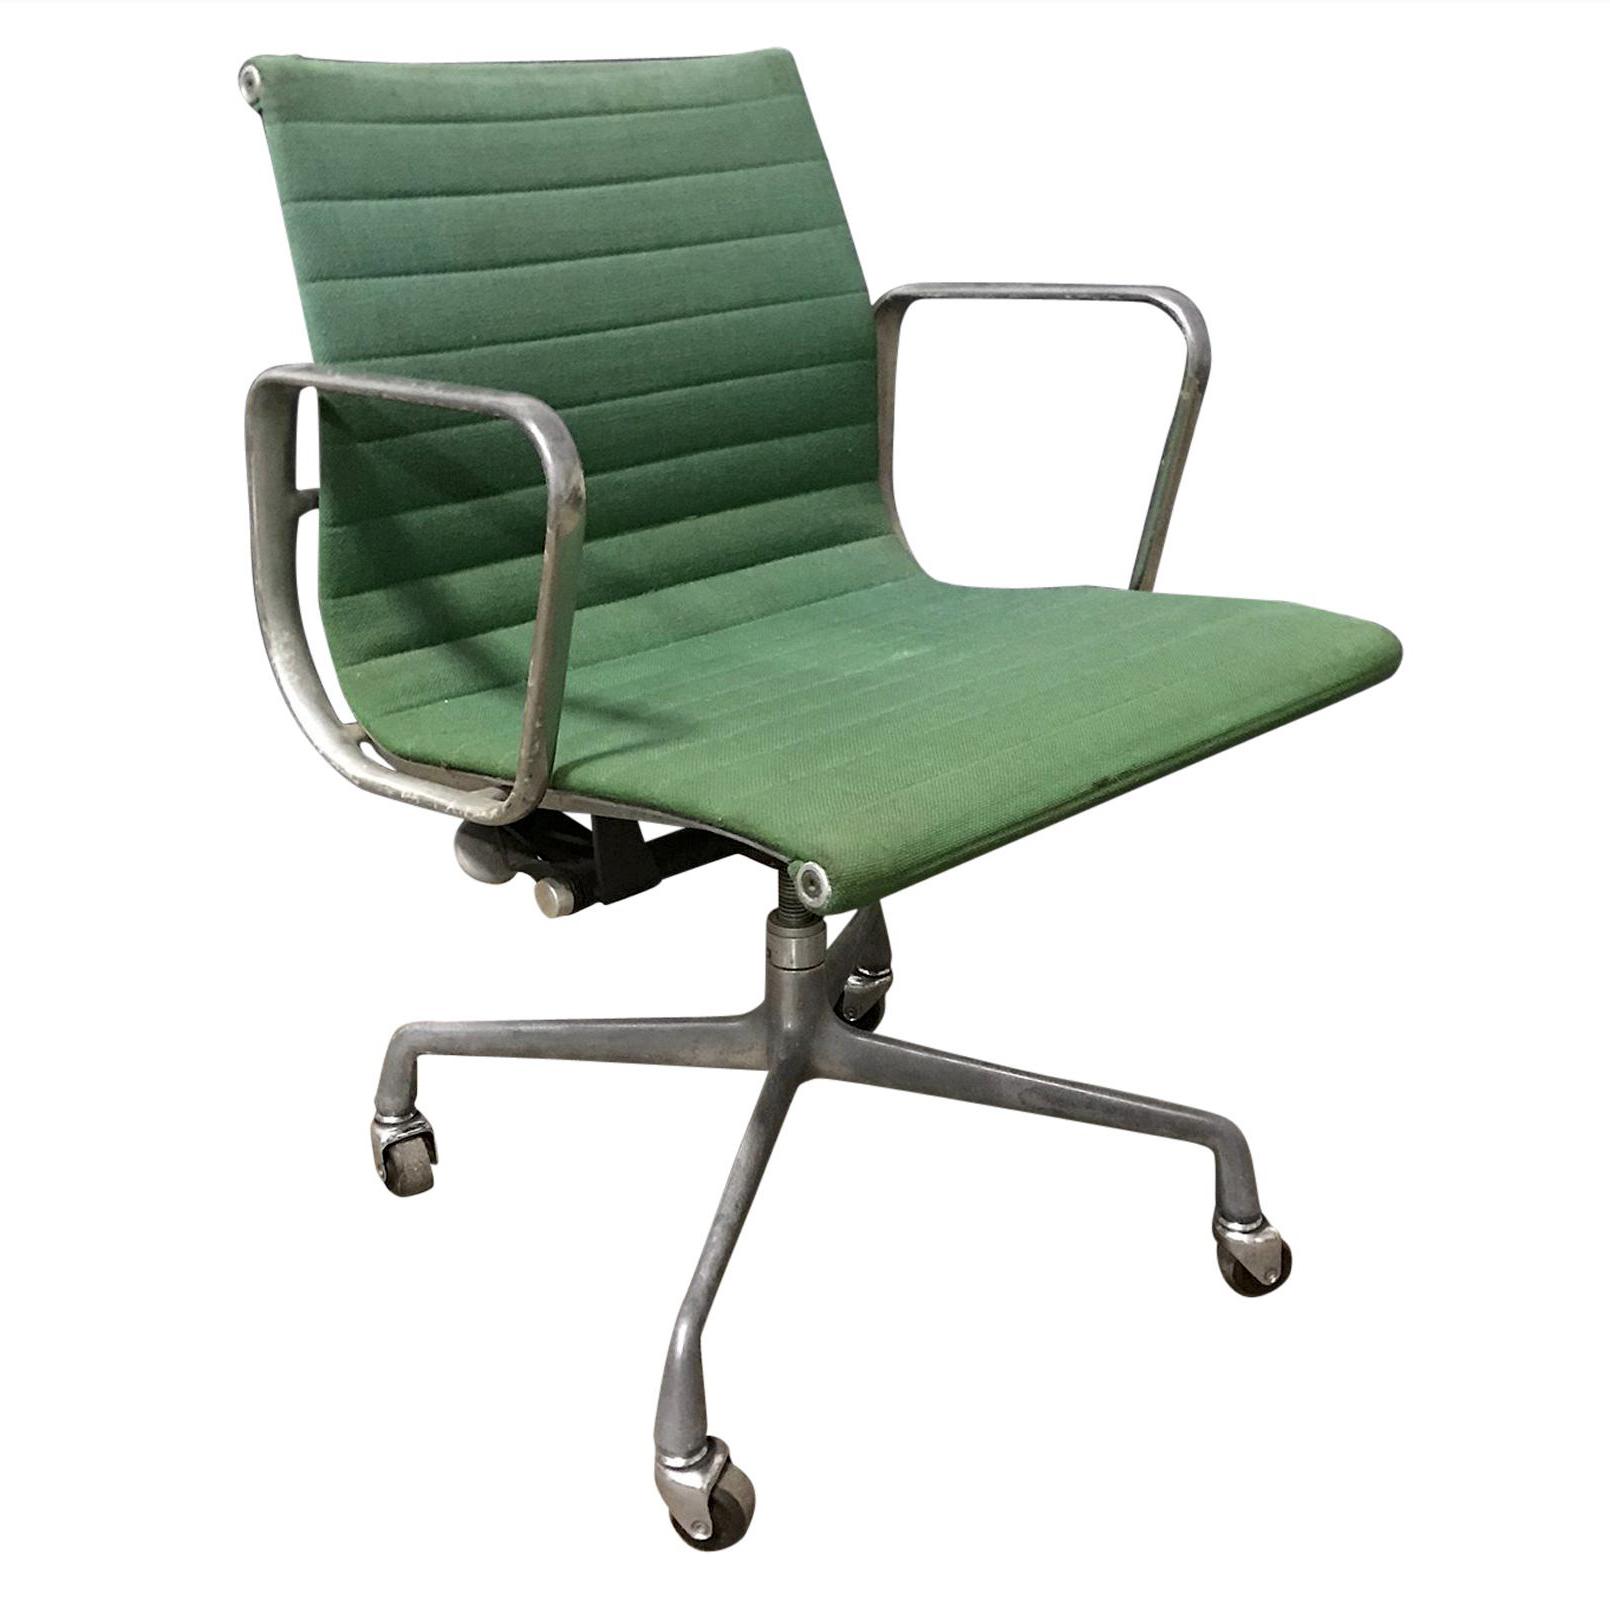 1958 Ray Charles Eames For Herman Miller Full Option Rare Green Desk Chair Godrie Eu